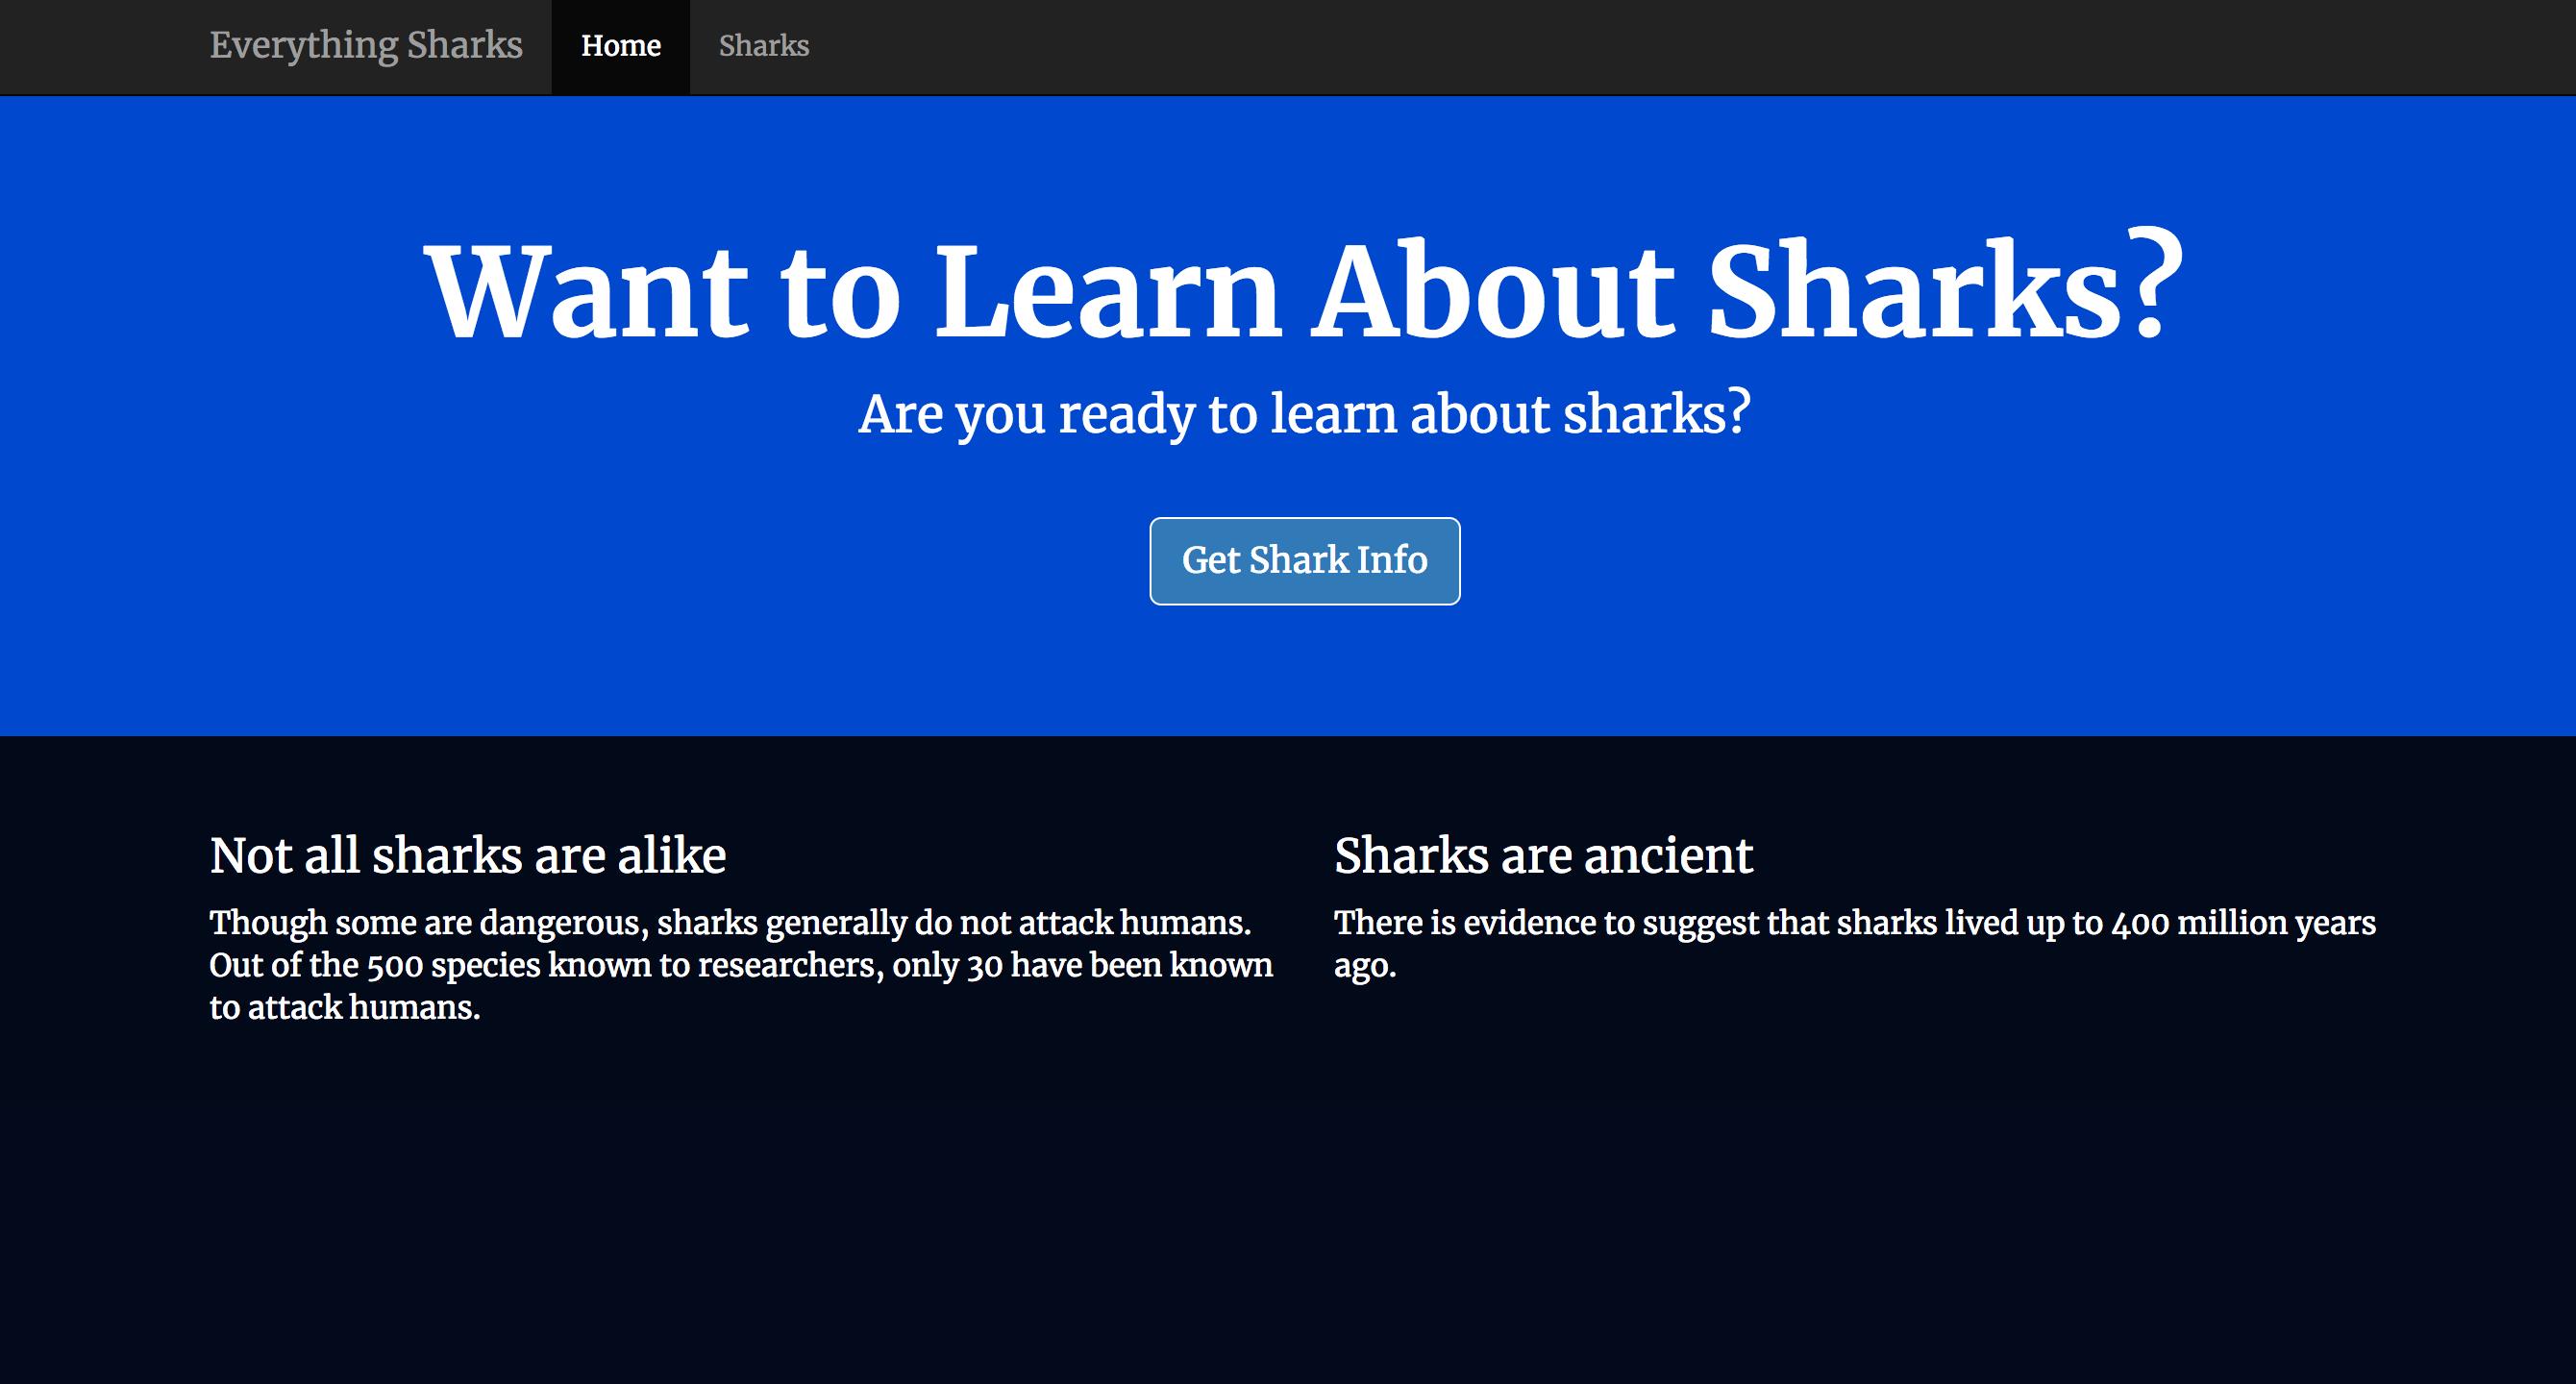 Página inicial do aplicativo